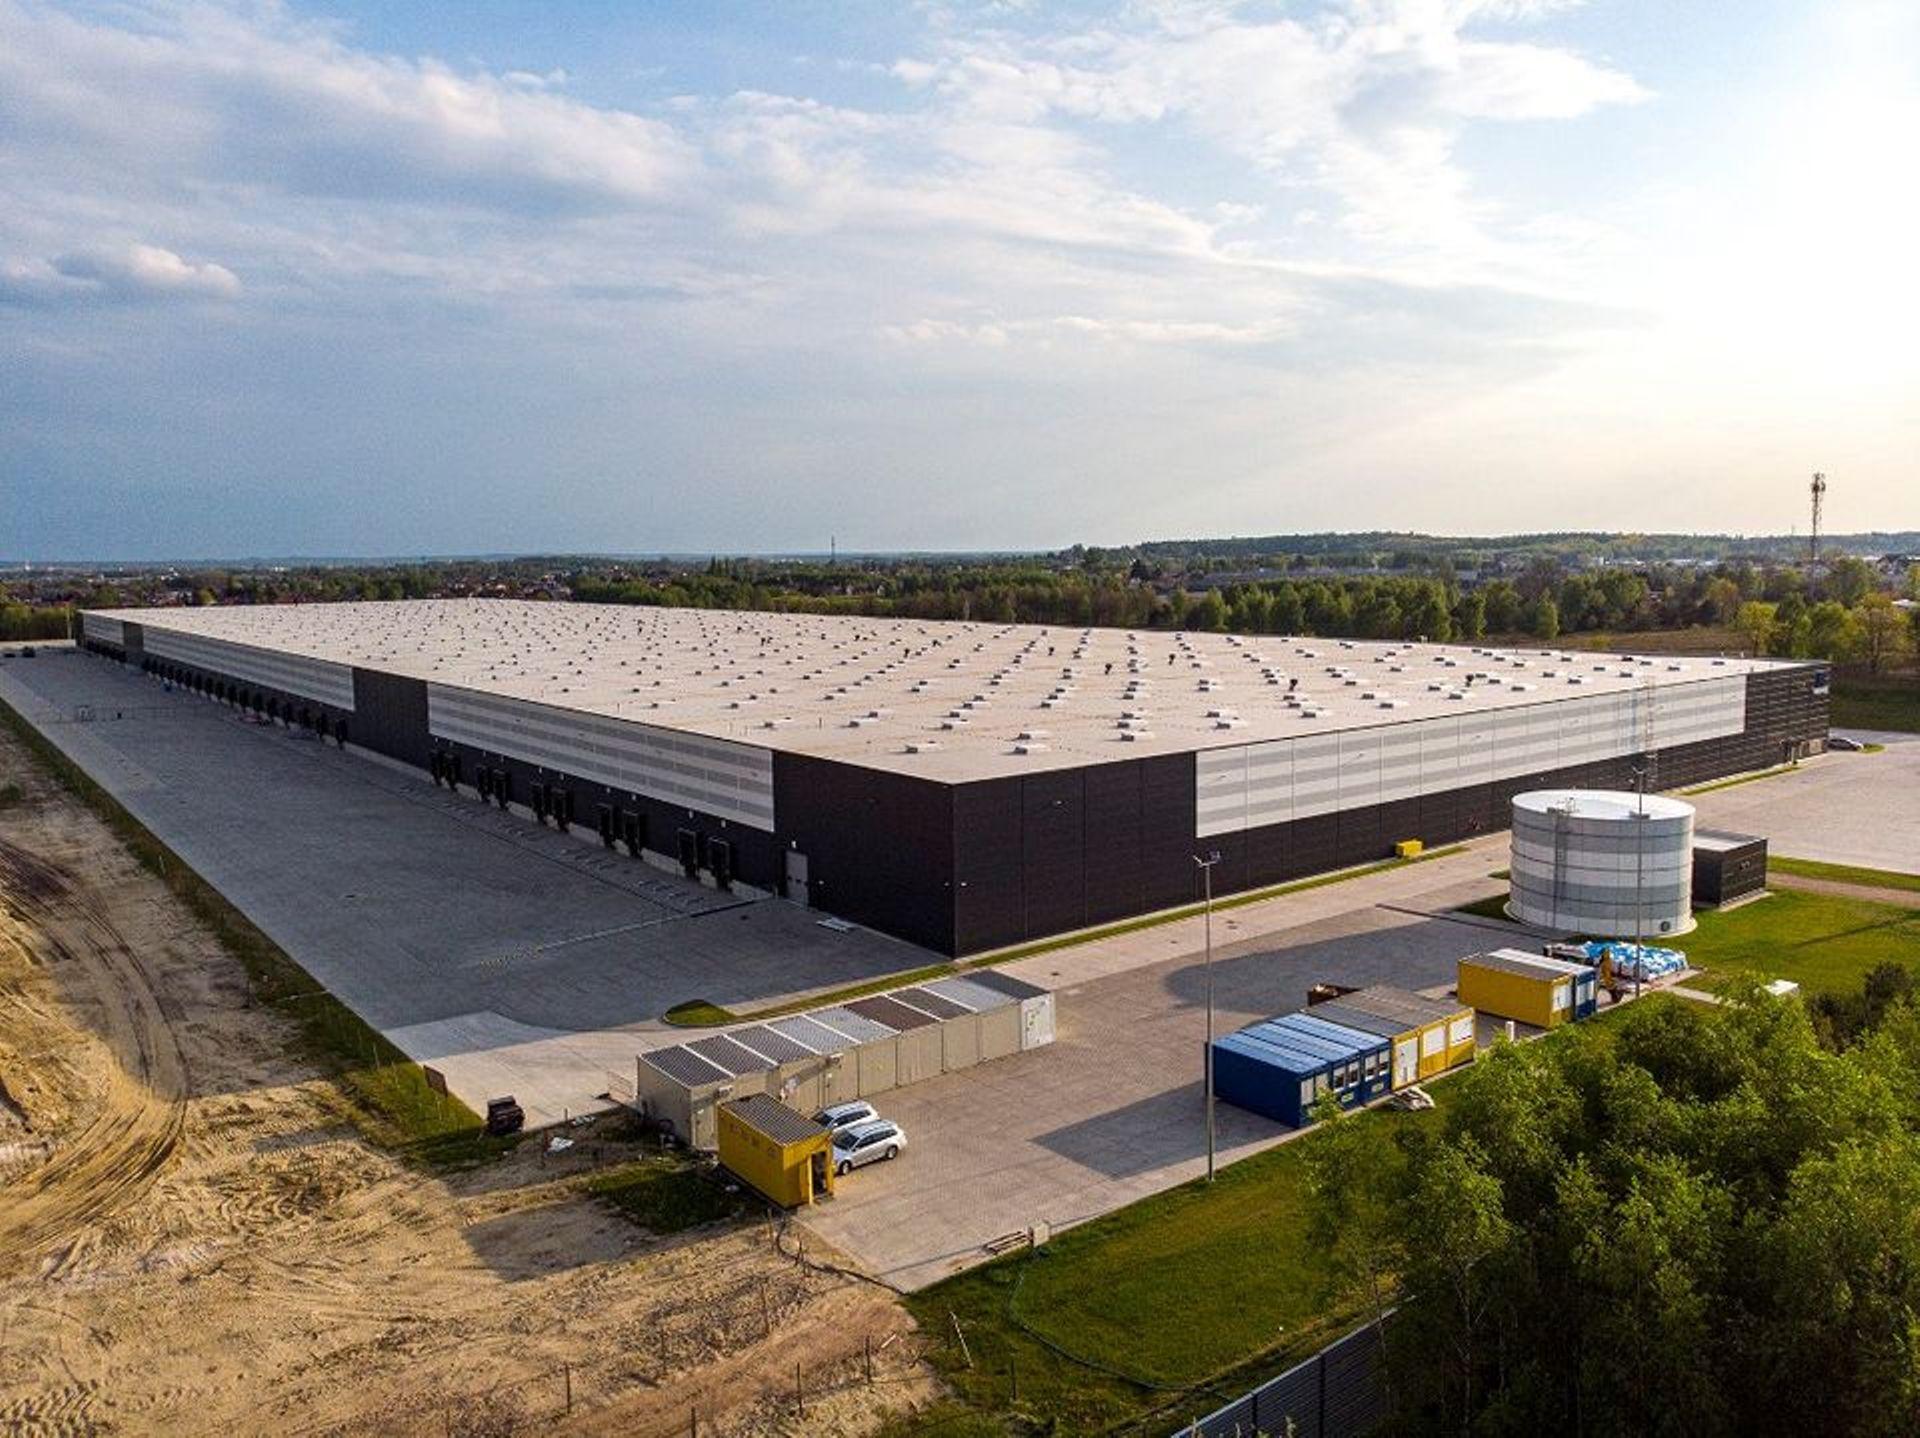 Łódź: Amazon powiększa swoje centrum logistyczne